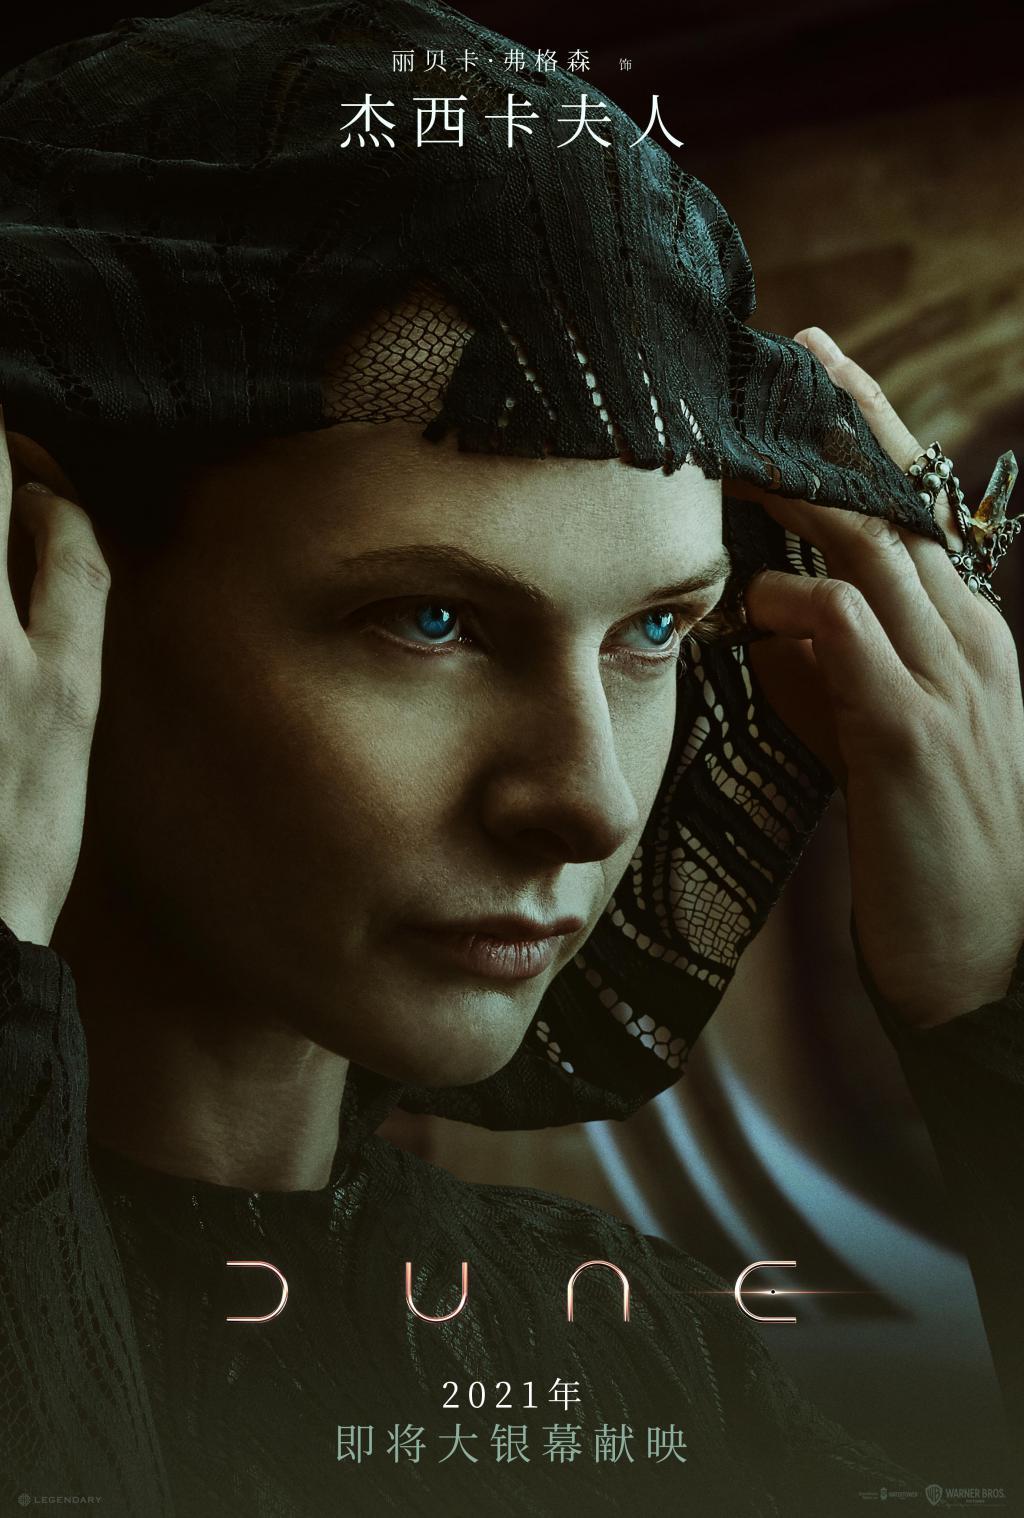 好莱坞科幻巨制《沙丘》发角色海报 超豪华阵容演绎顶级科幻 IP